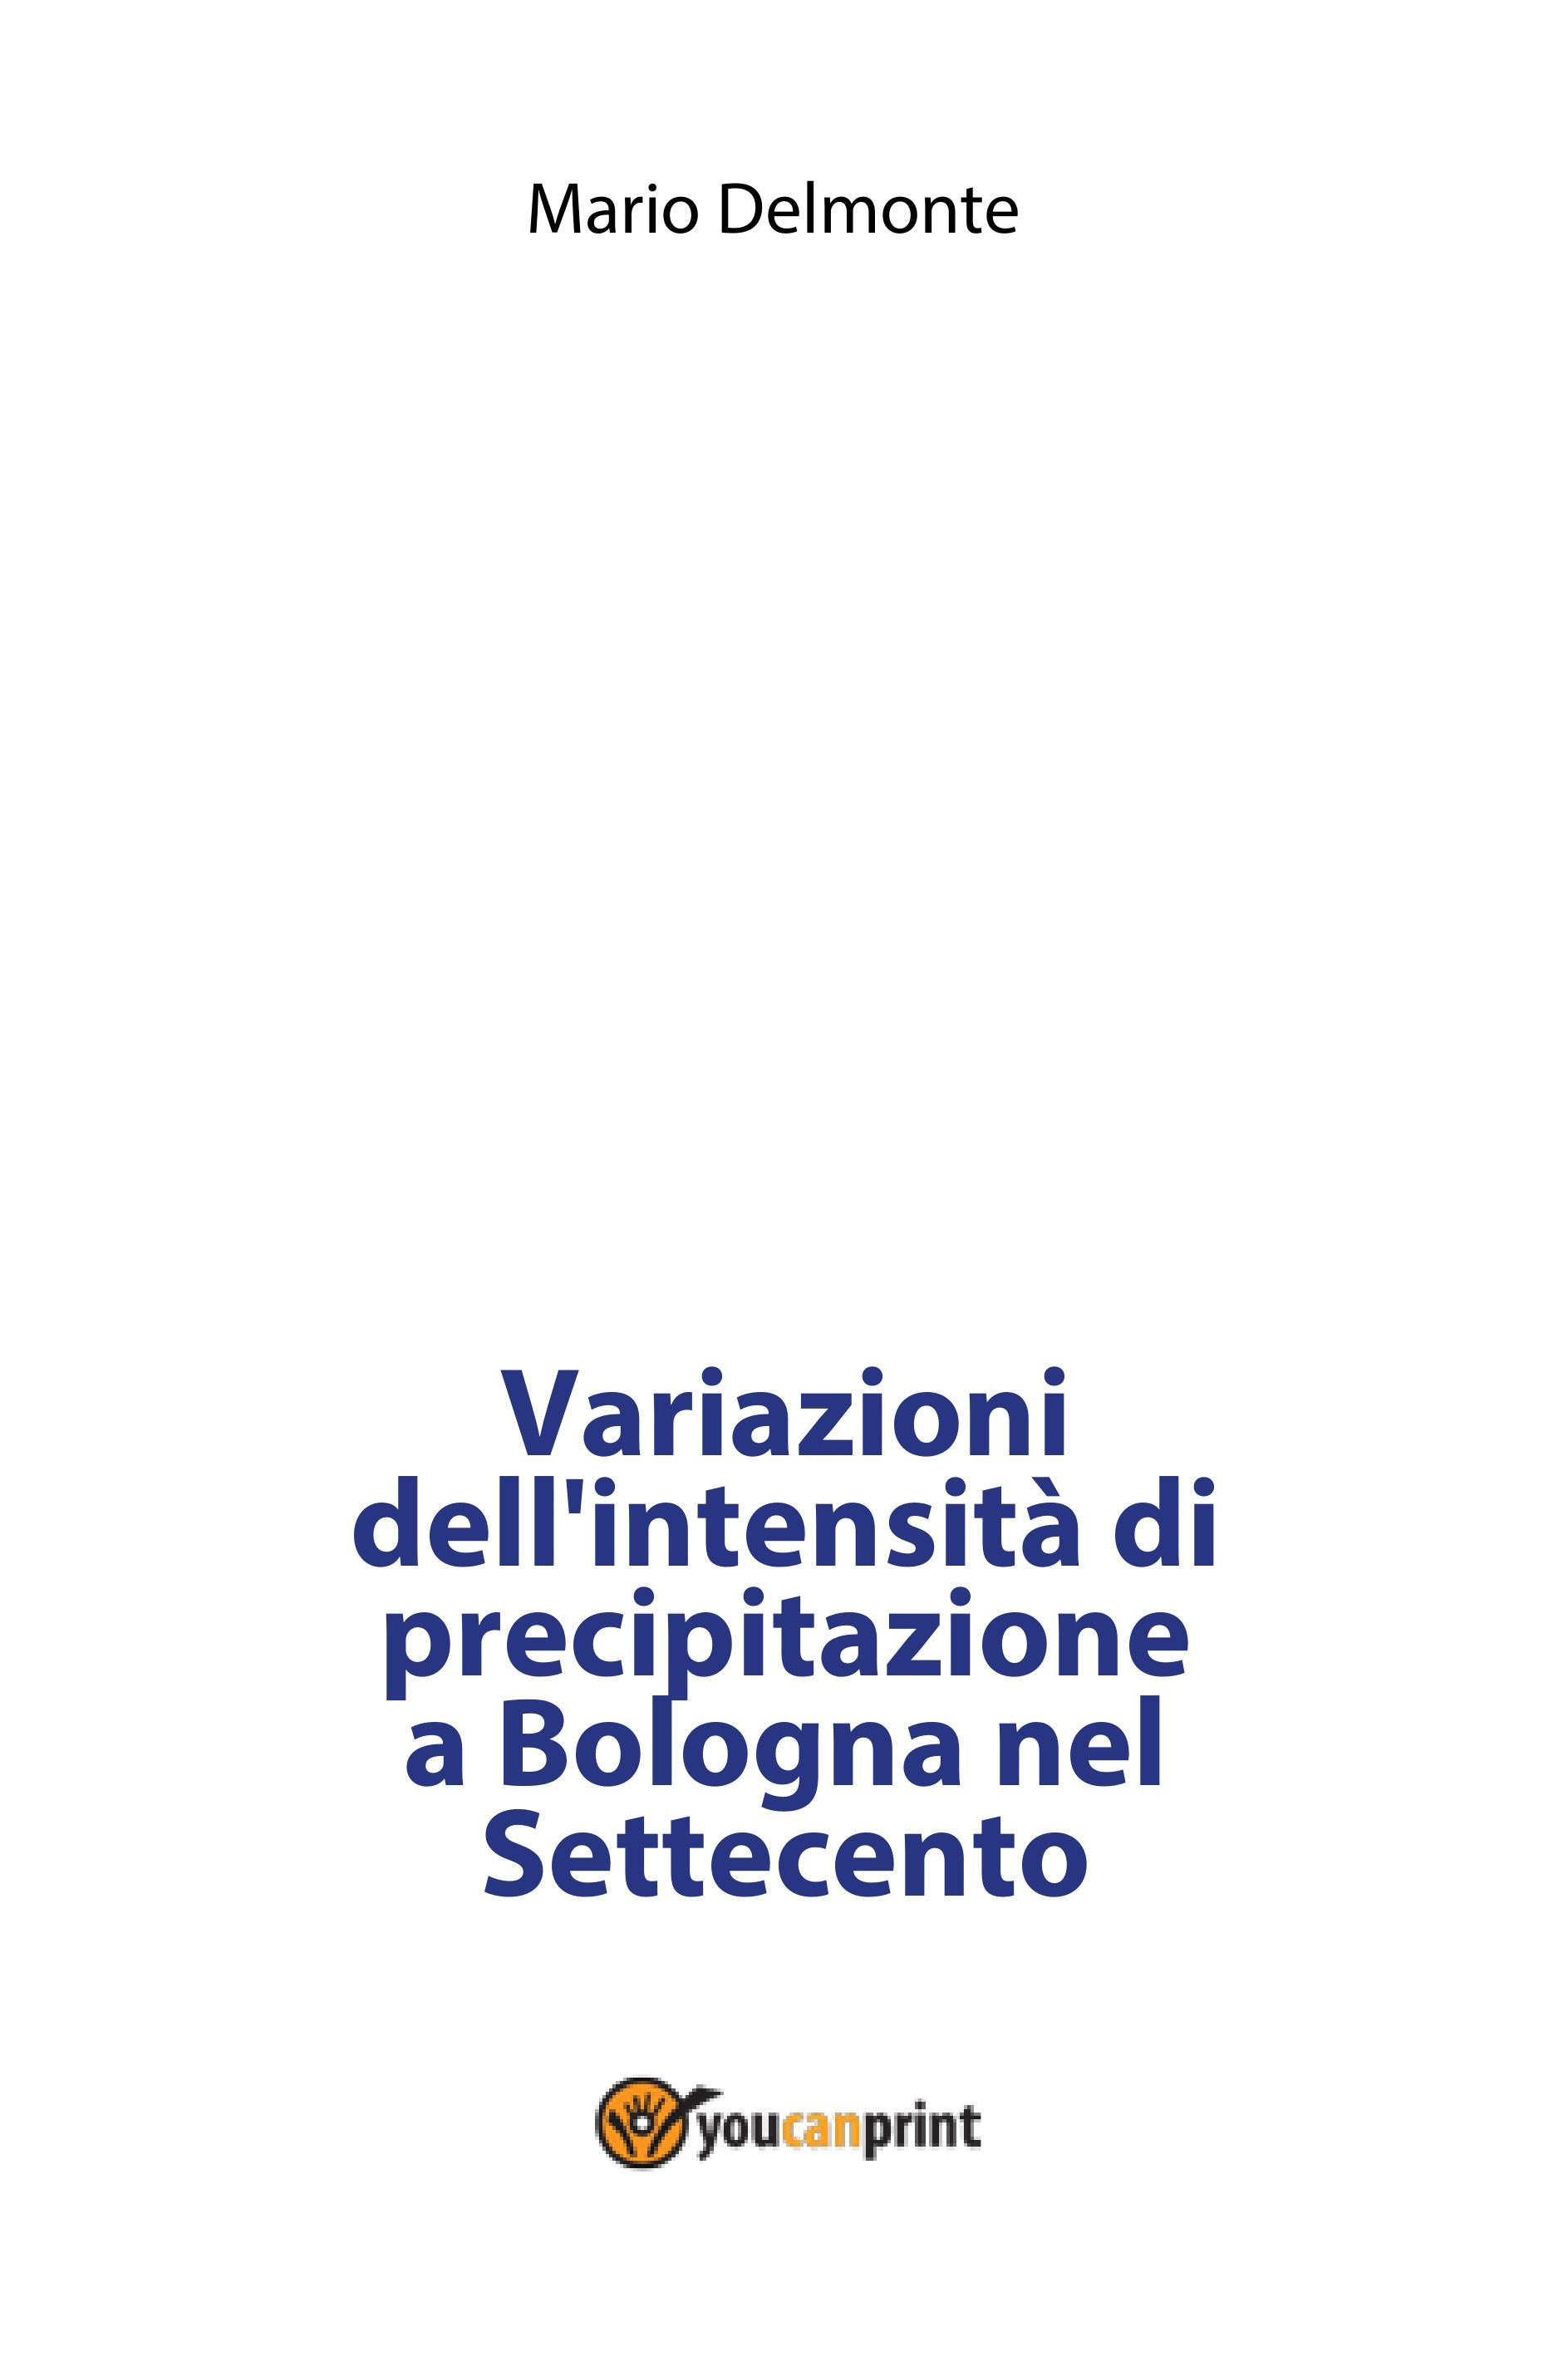 Variazioni dell'intensità di precipitazione a Bologna nel Settecento